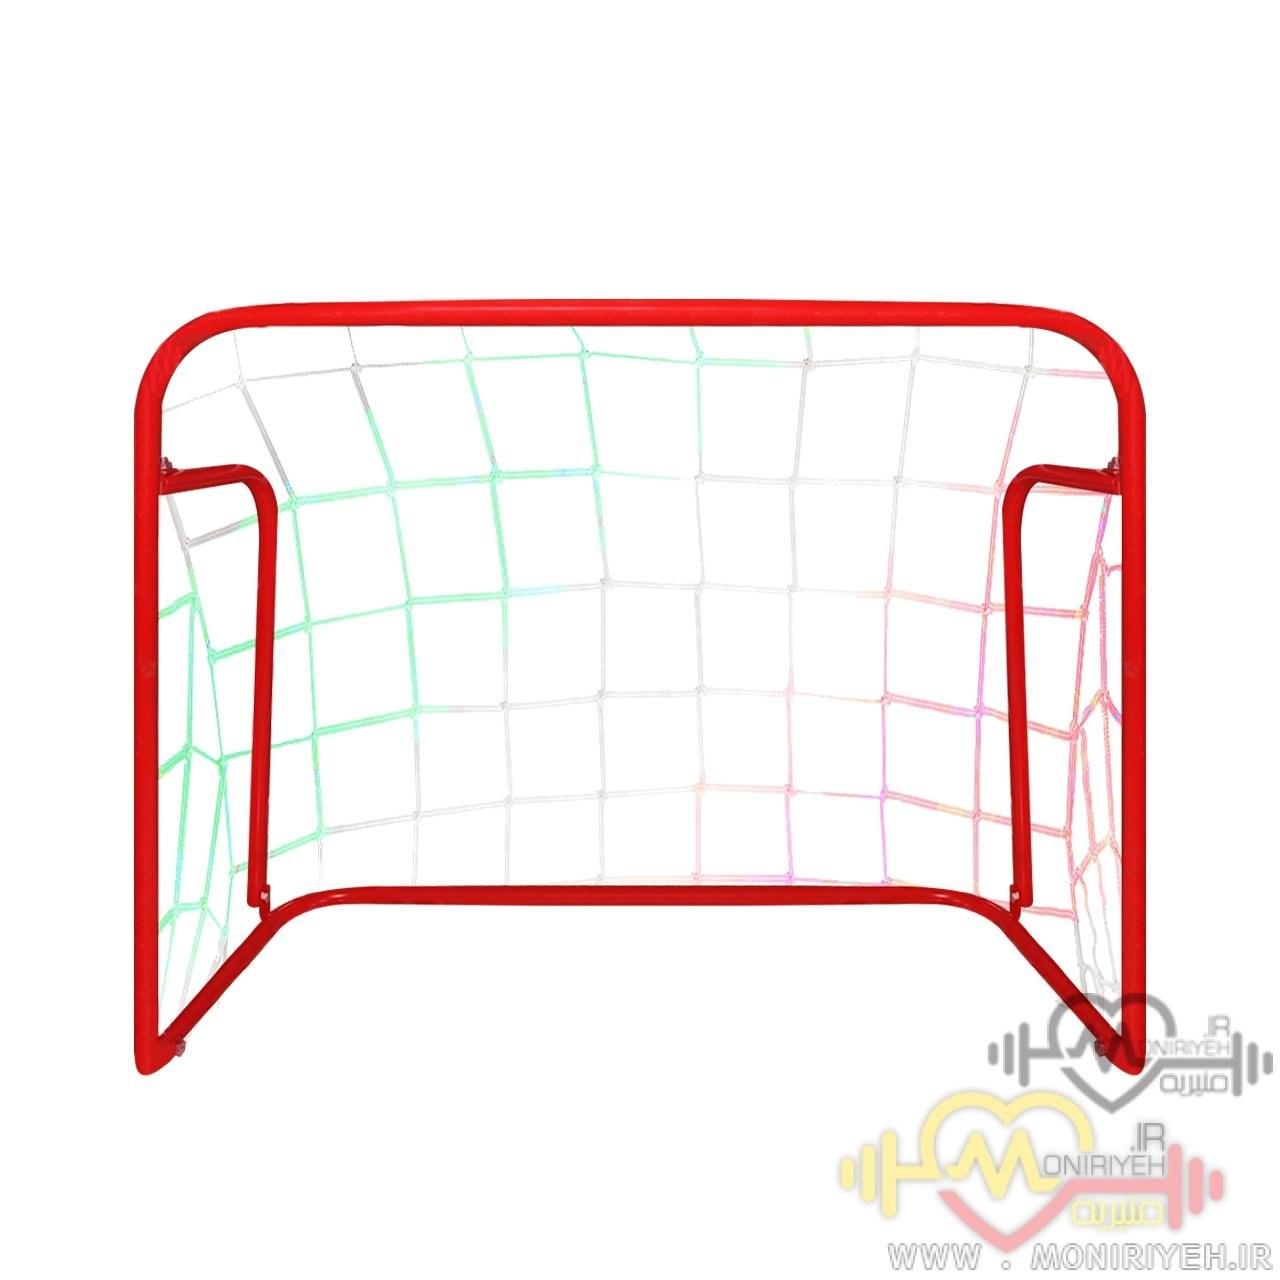 دروازه فوتبال مدل MNR-fk90 بسته ۲ عددی